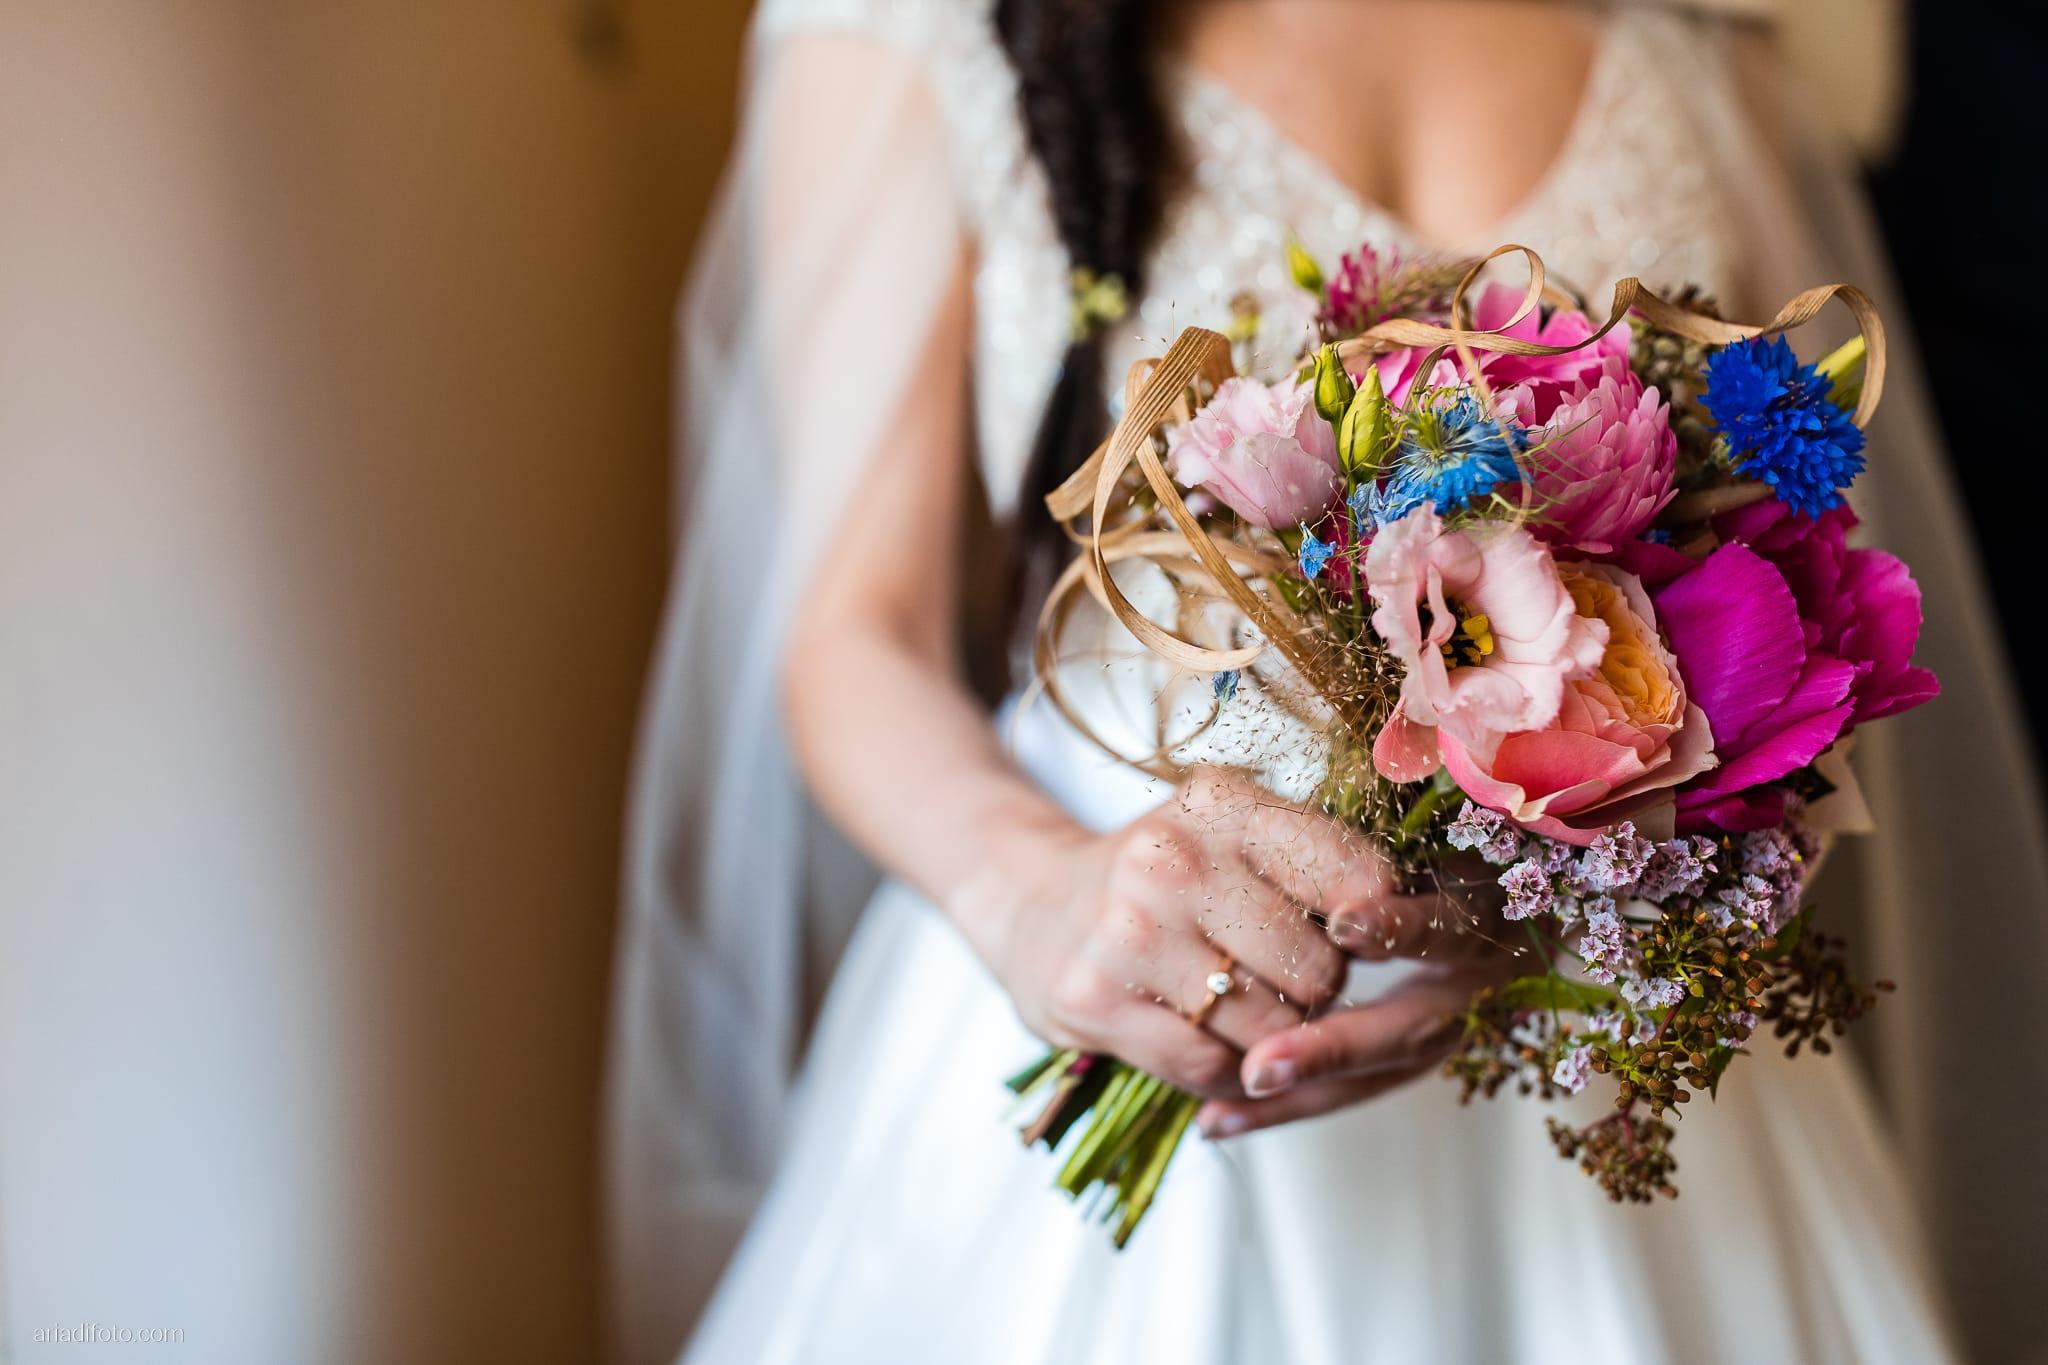 Giorgia Davide Matrimonio Muggia Trieste Baronesse Tacco San Floriano Del Collio Gorizia preparazioni sposa dettagli bouquet fiori